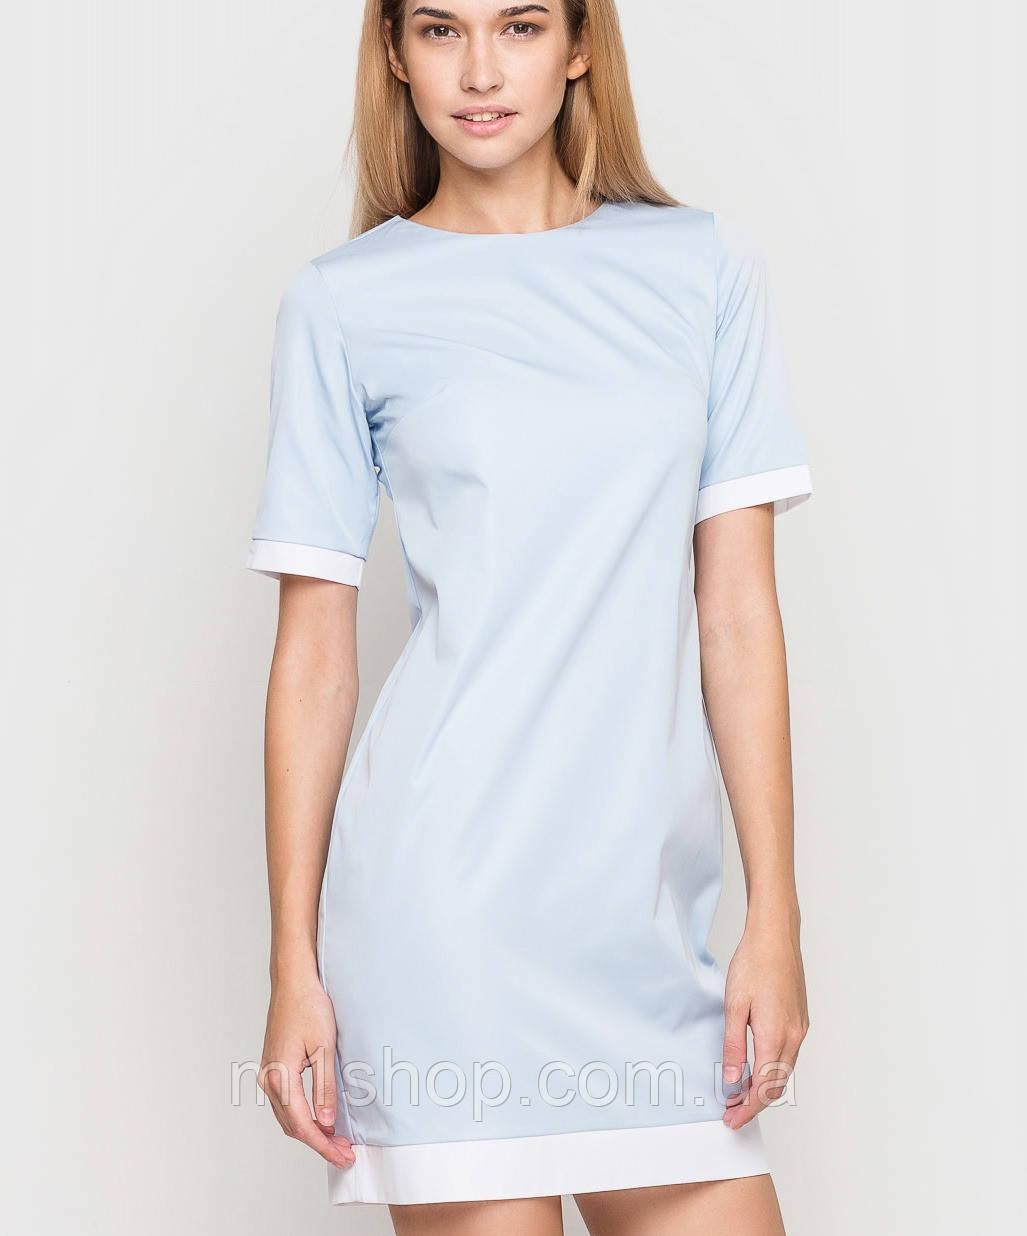 Платье из коттона | Asti sk